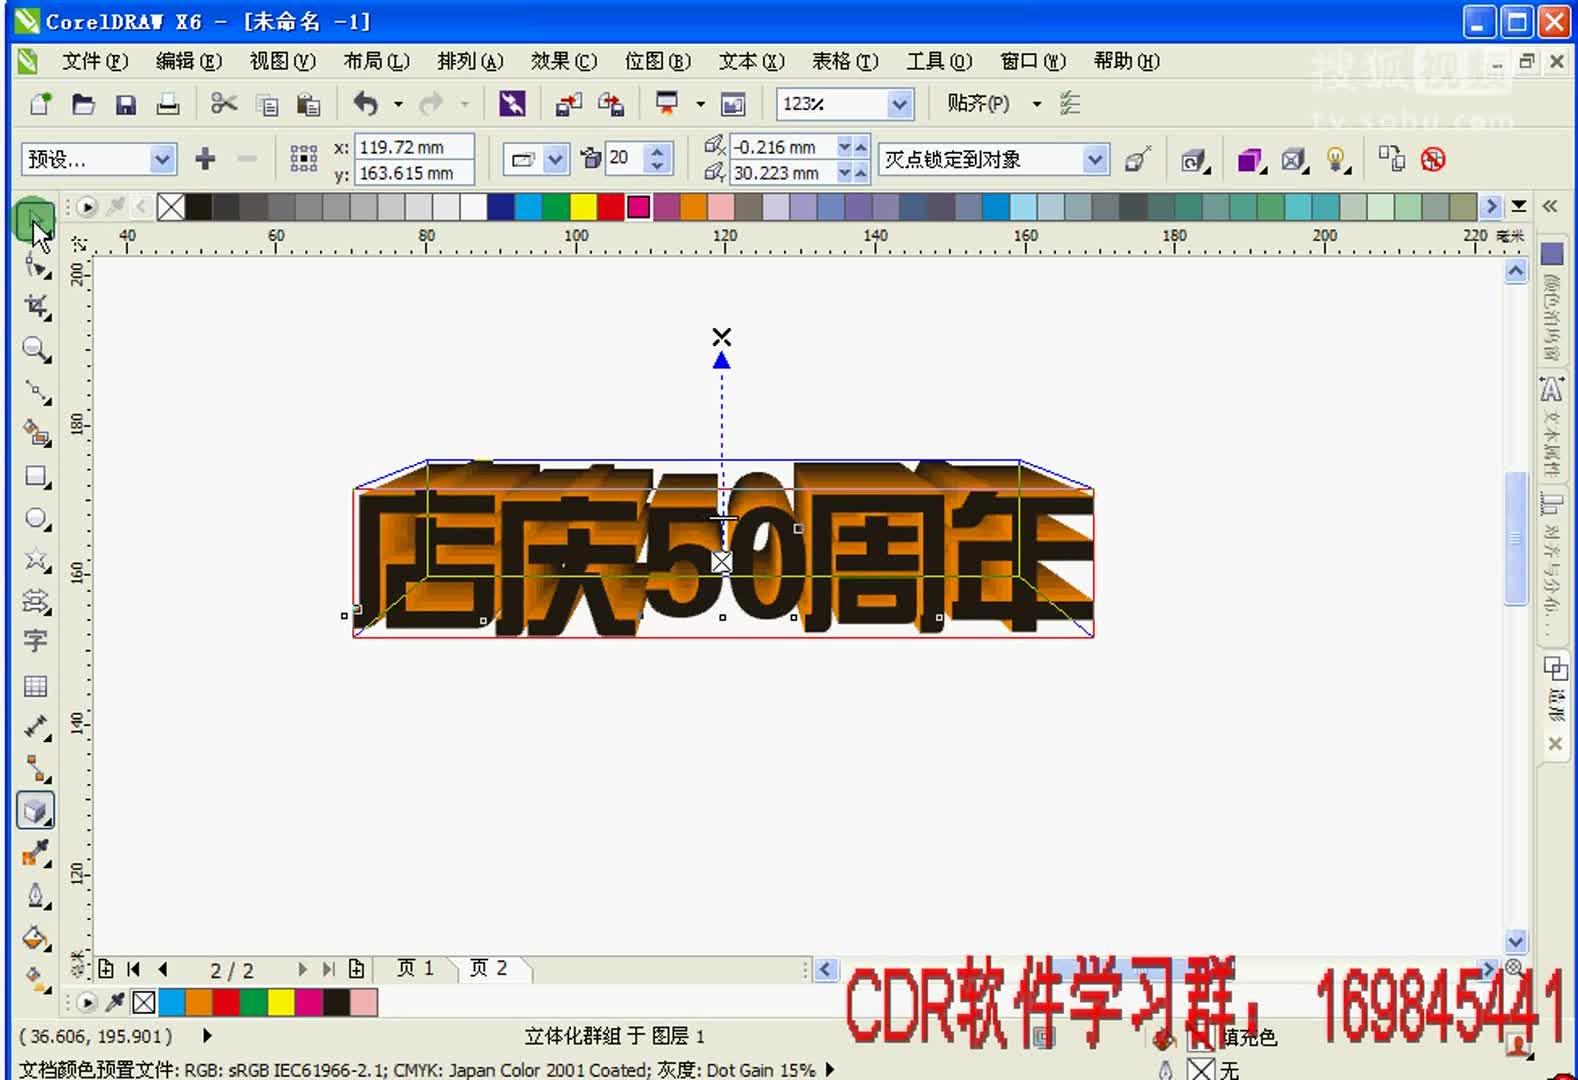 平面设计教程 CDR入门教程 CDR视频教程自学网 CDR视频教程第十四节:调和工具及立体化工具的使用_转